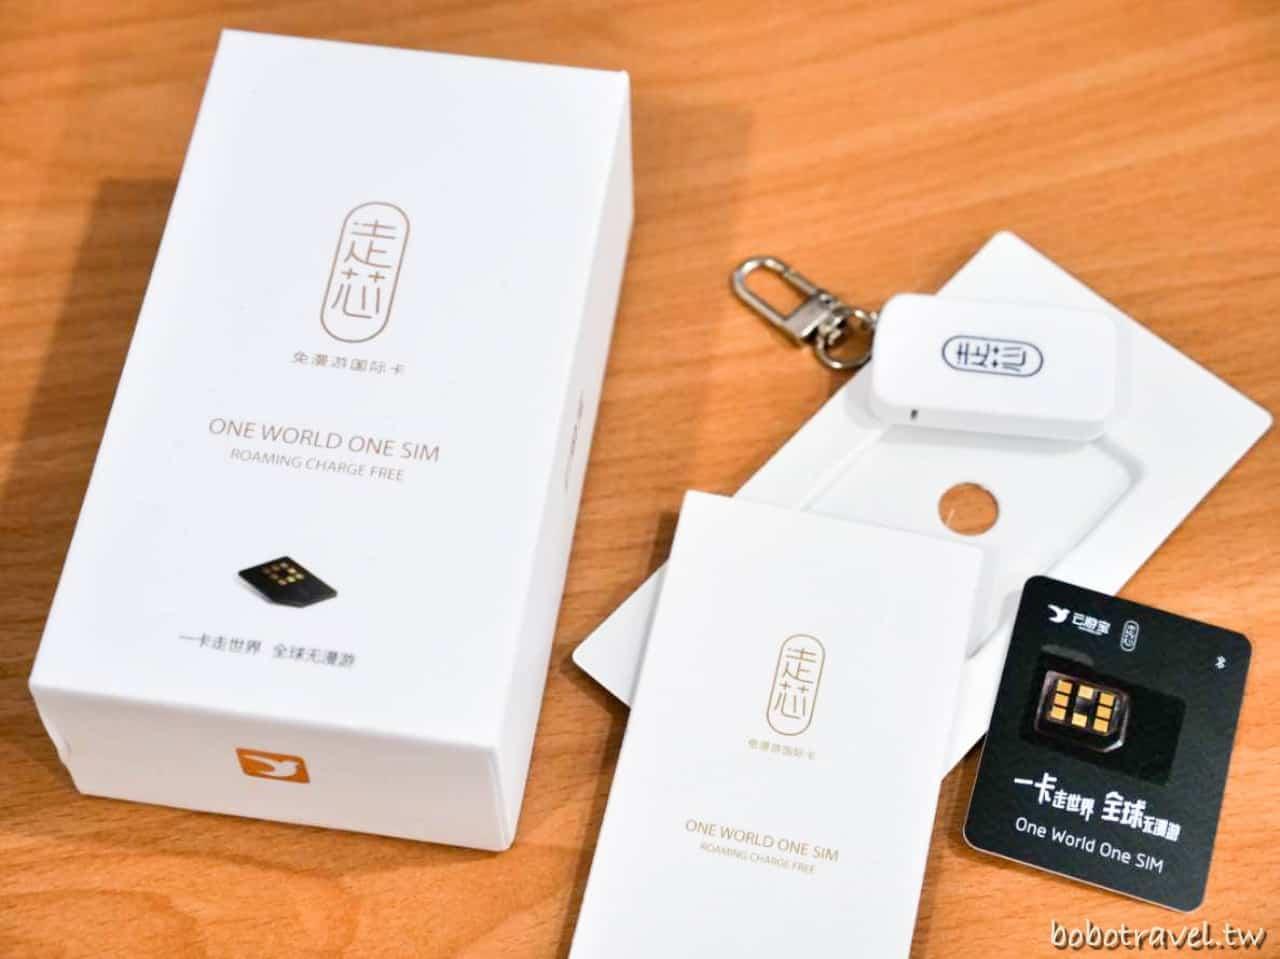 【走芯卡|出國上網解決方案】用過最便宜、最方便的多國上網卡!走芯卡教學和使用心得分享